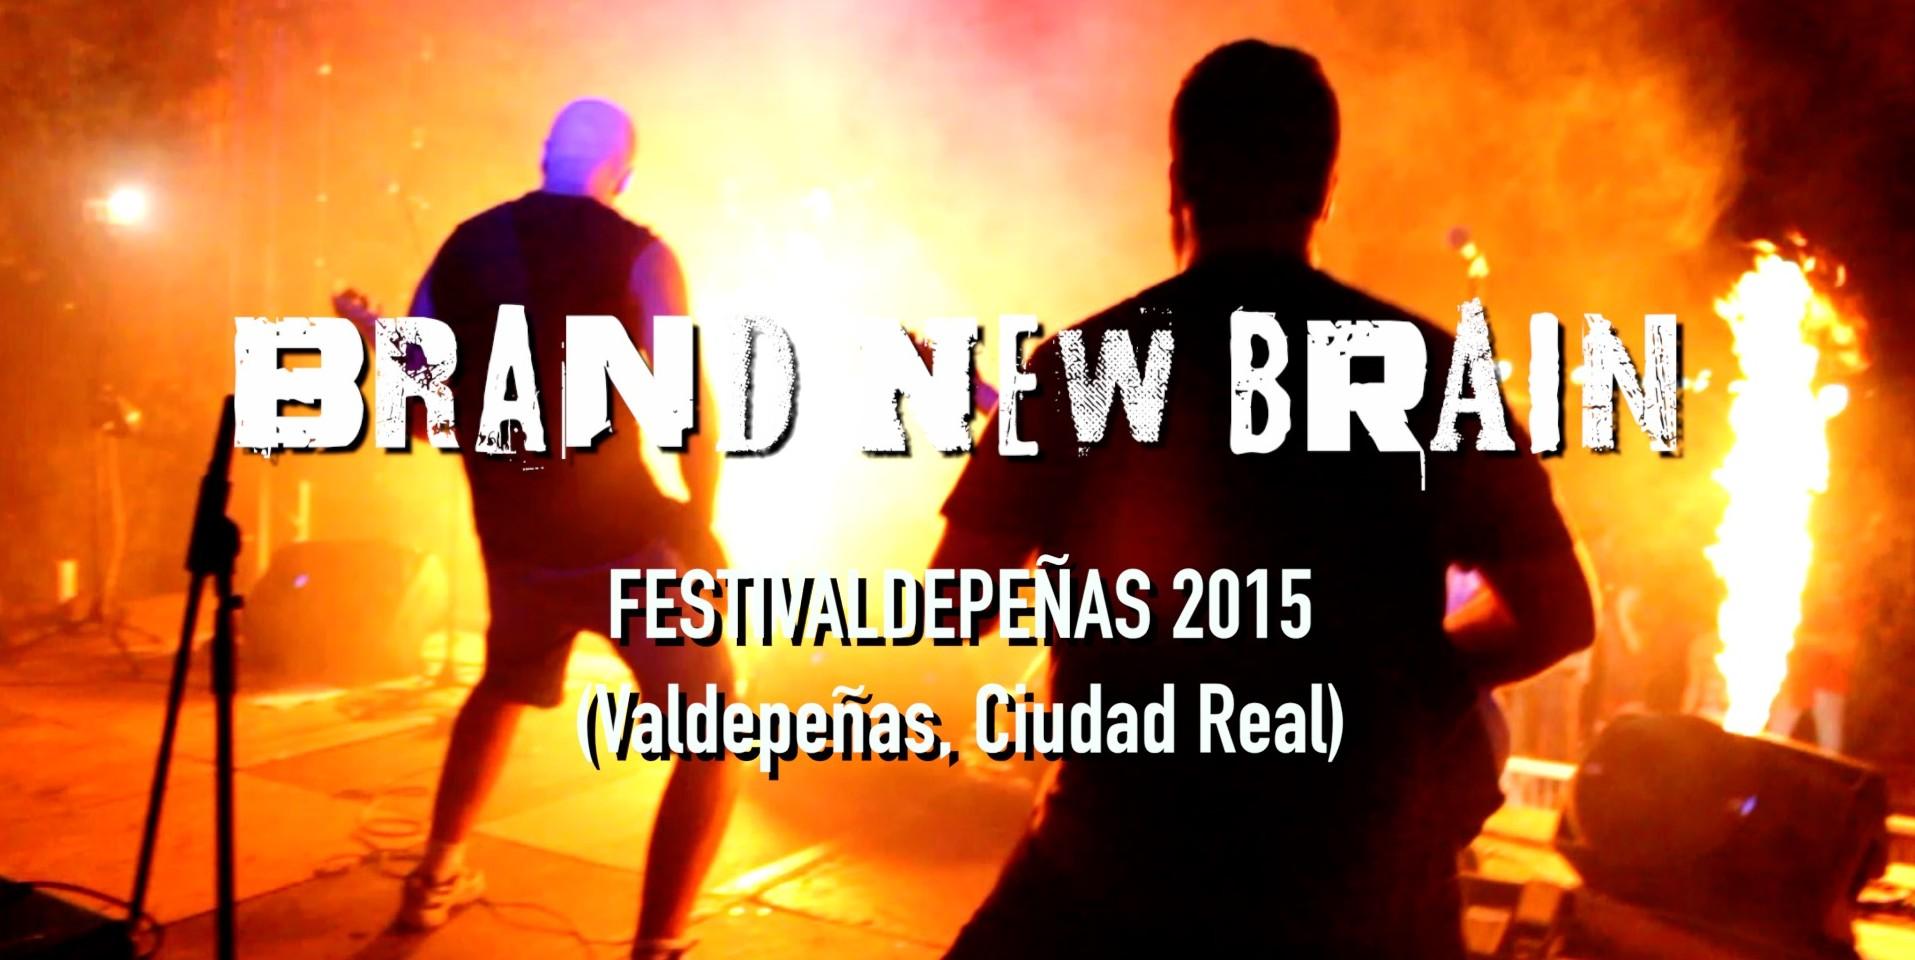 FestiValdepeñas 2015 - Concierto completo, terminado de editar en vídeo, publicado en YouTube